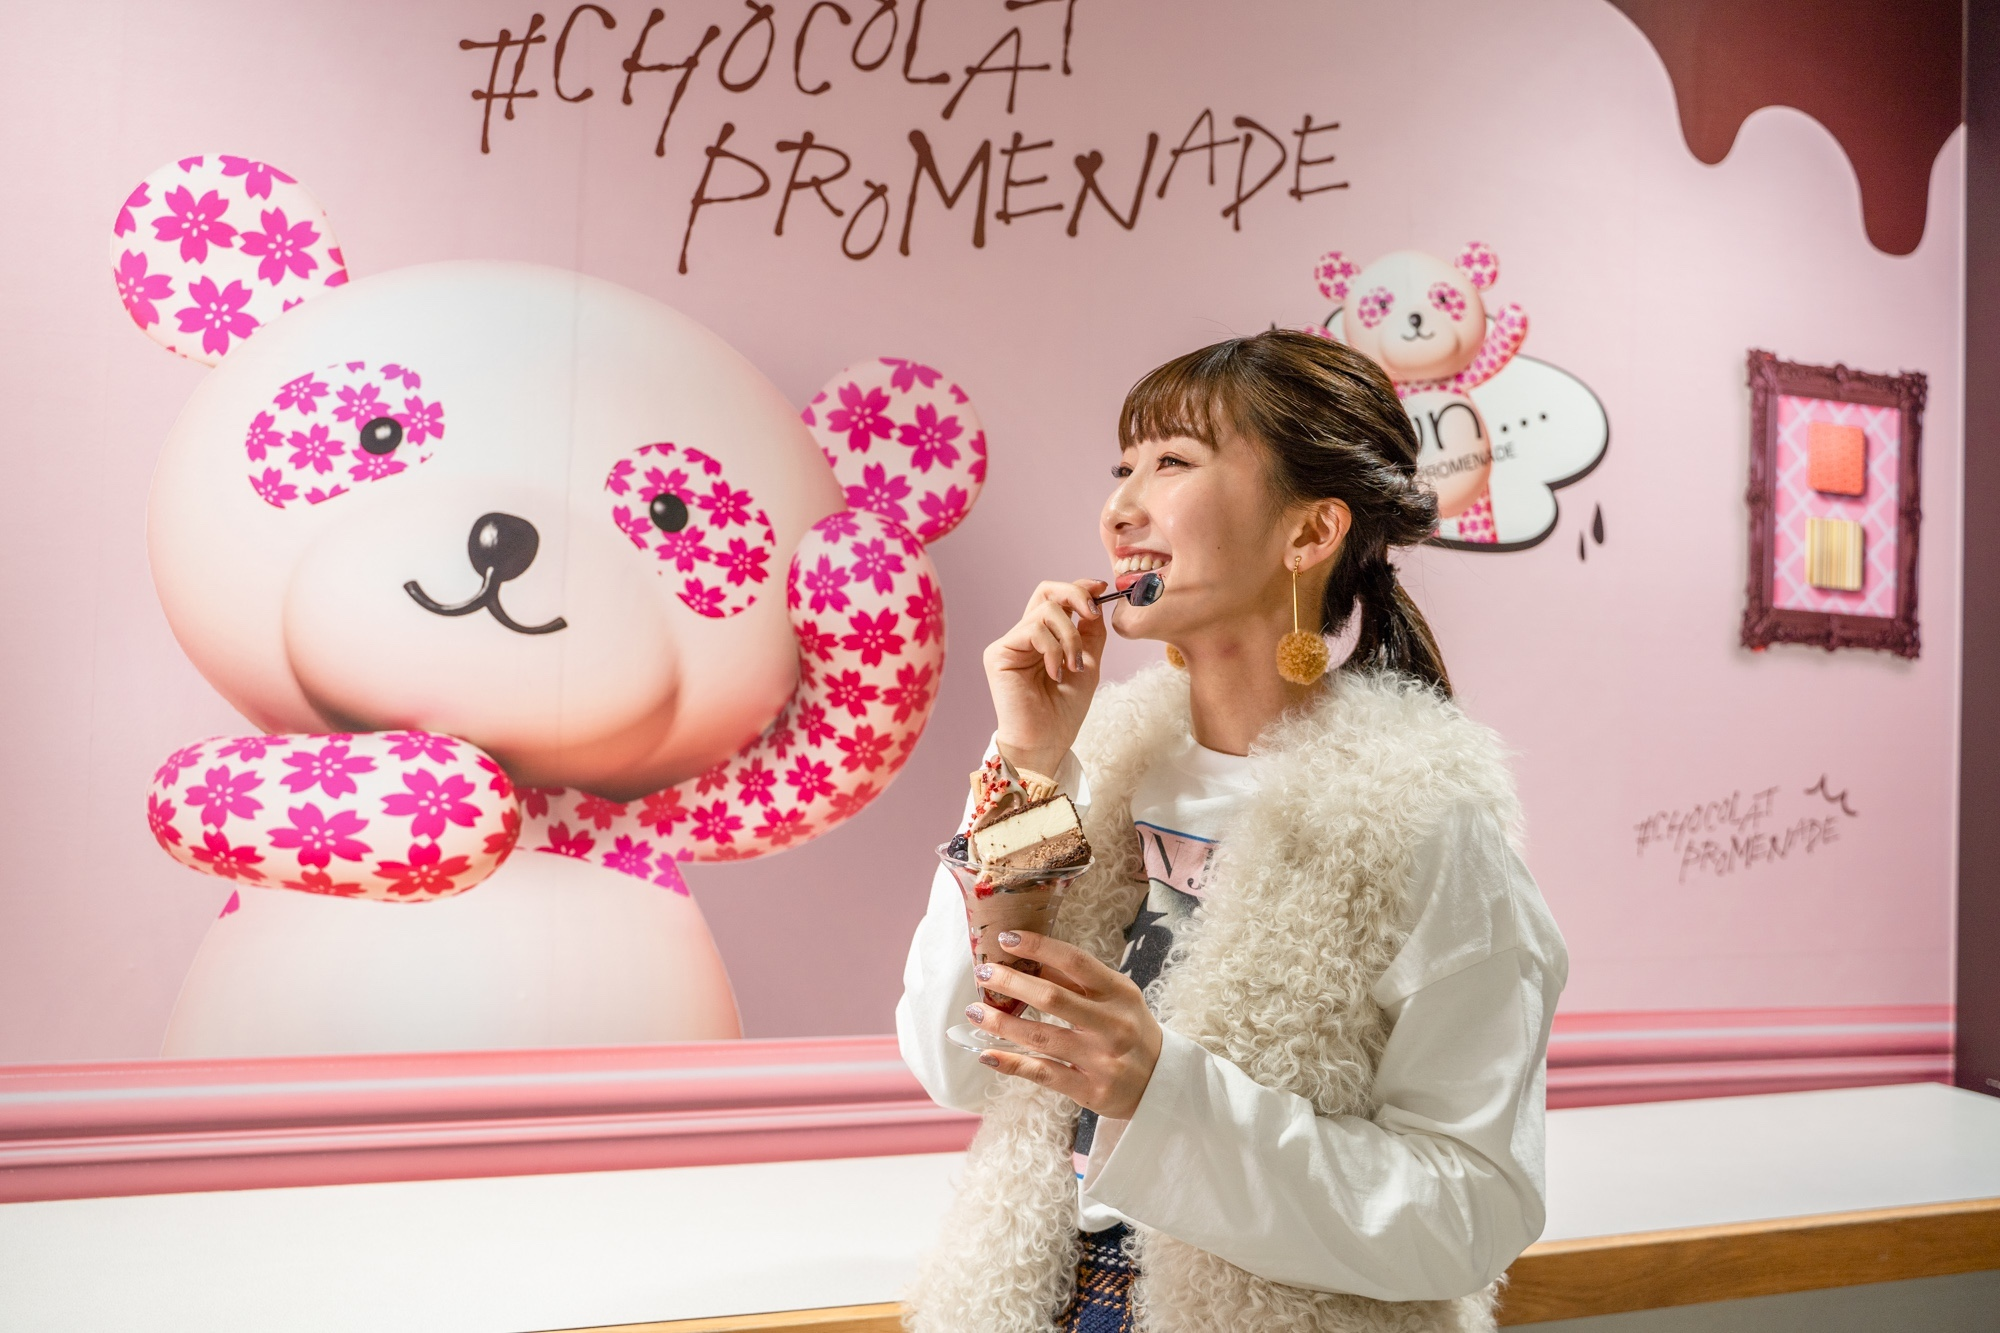 松坂屋名古屋店「ショコラプロムナード2020」に行って来た!チョコレートの魅惑の世界へいざ!